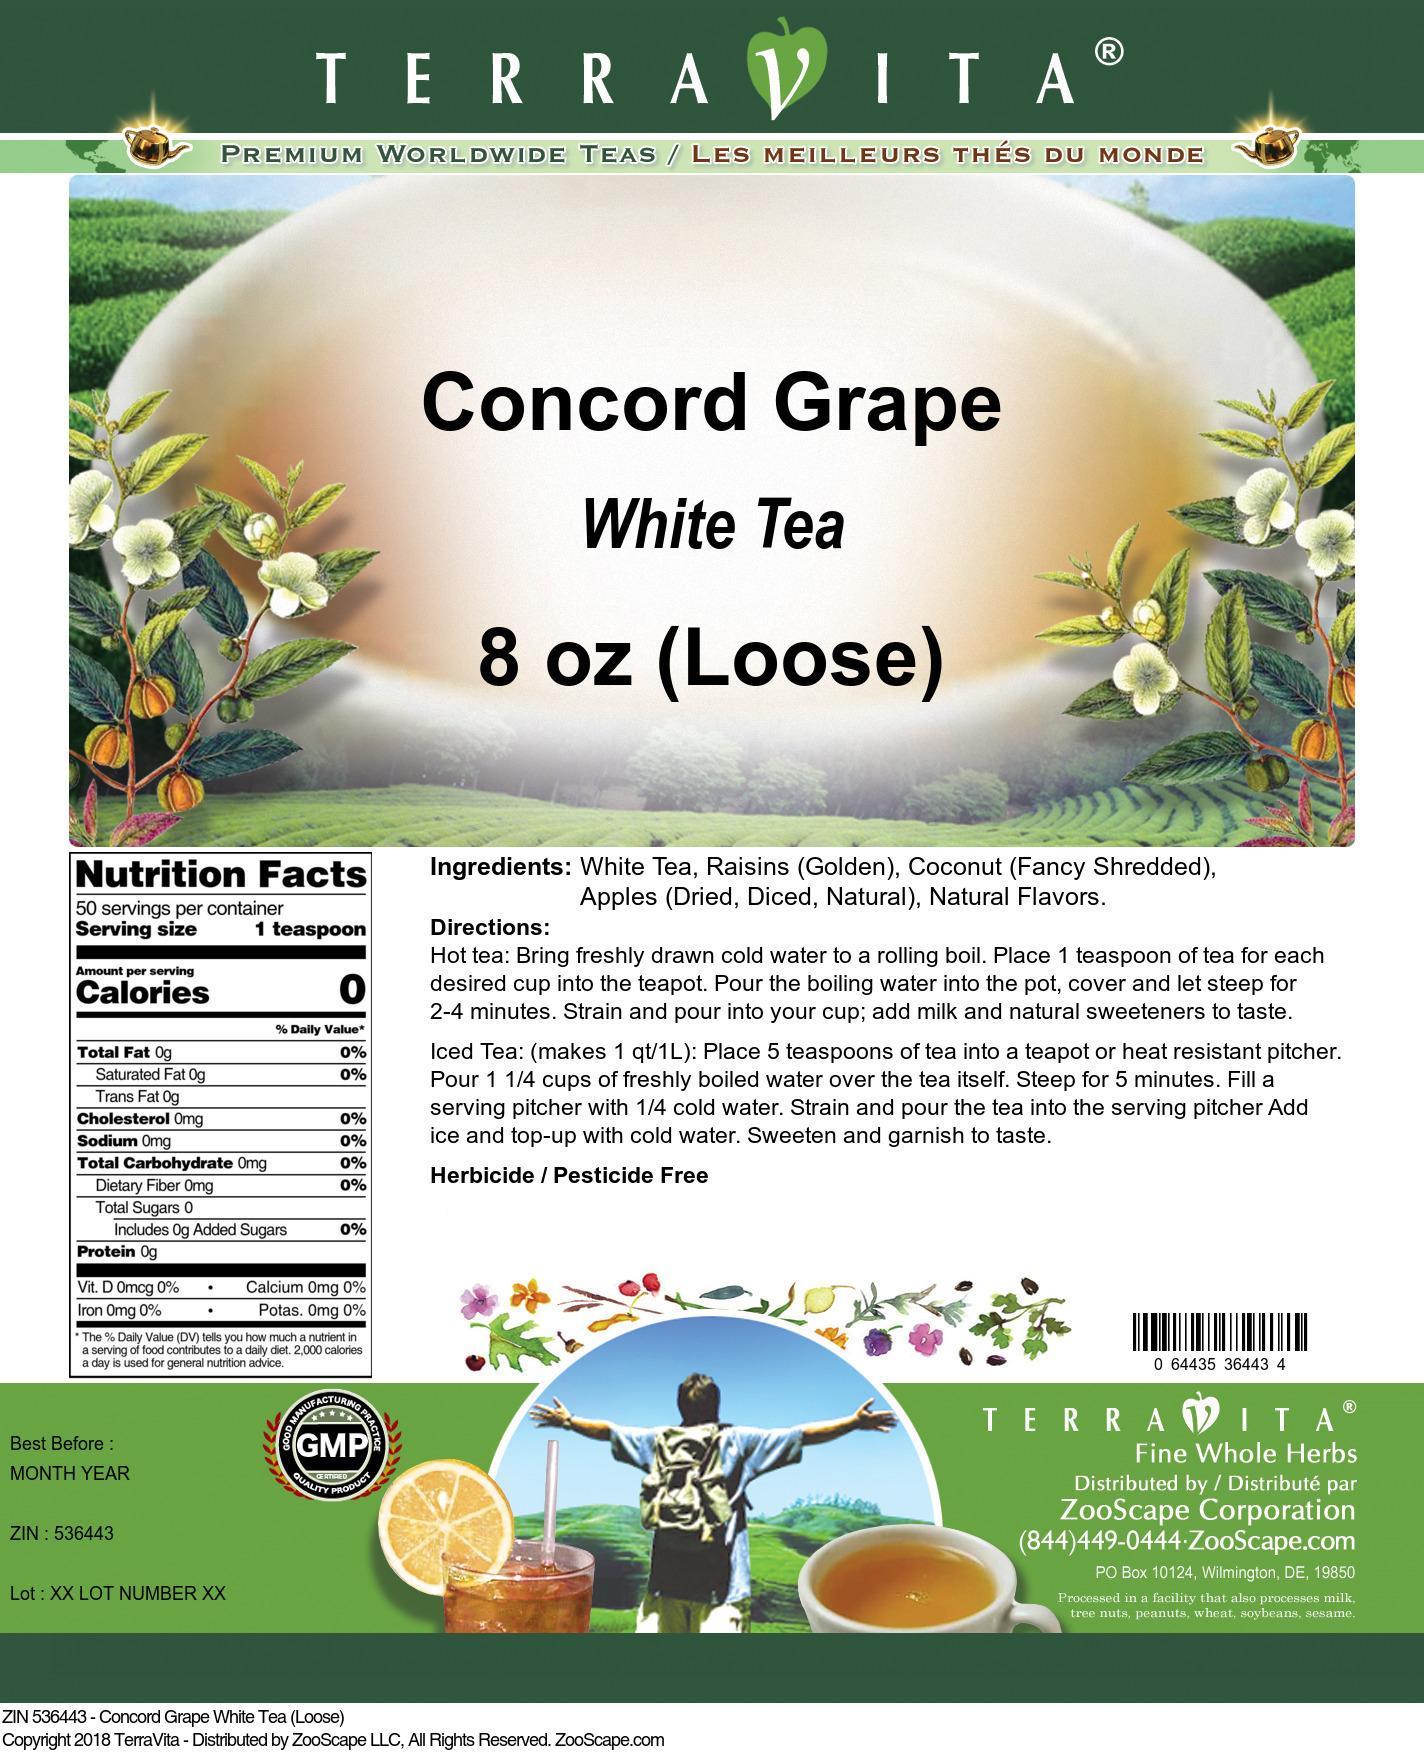 Concord Grape White Tea